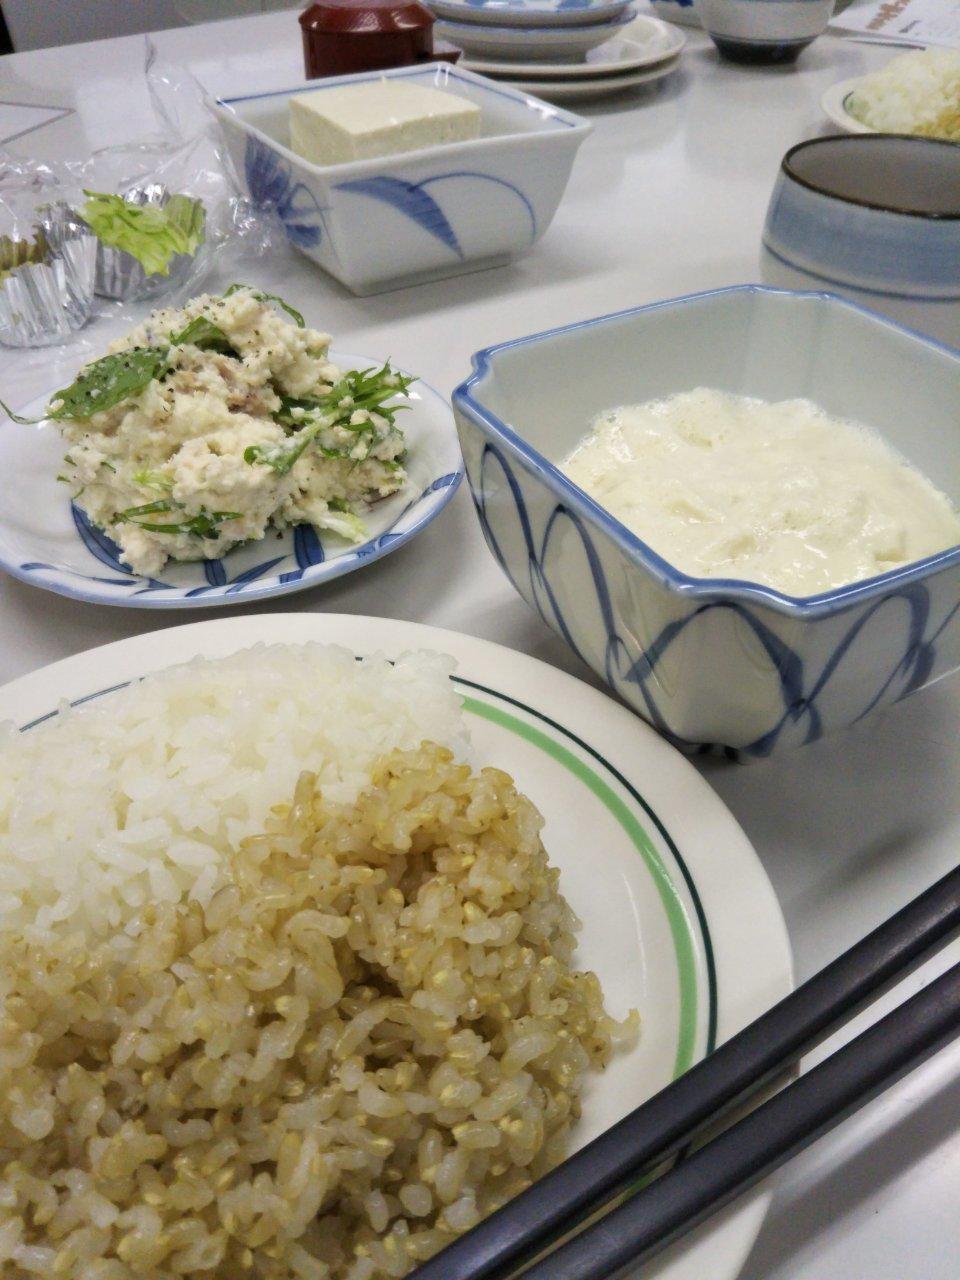 ー食育フェスー②豆腐屋さんになってみよう! 終了報告_b0297136_12441142.jpg